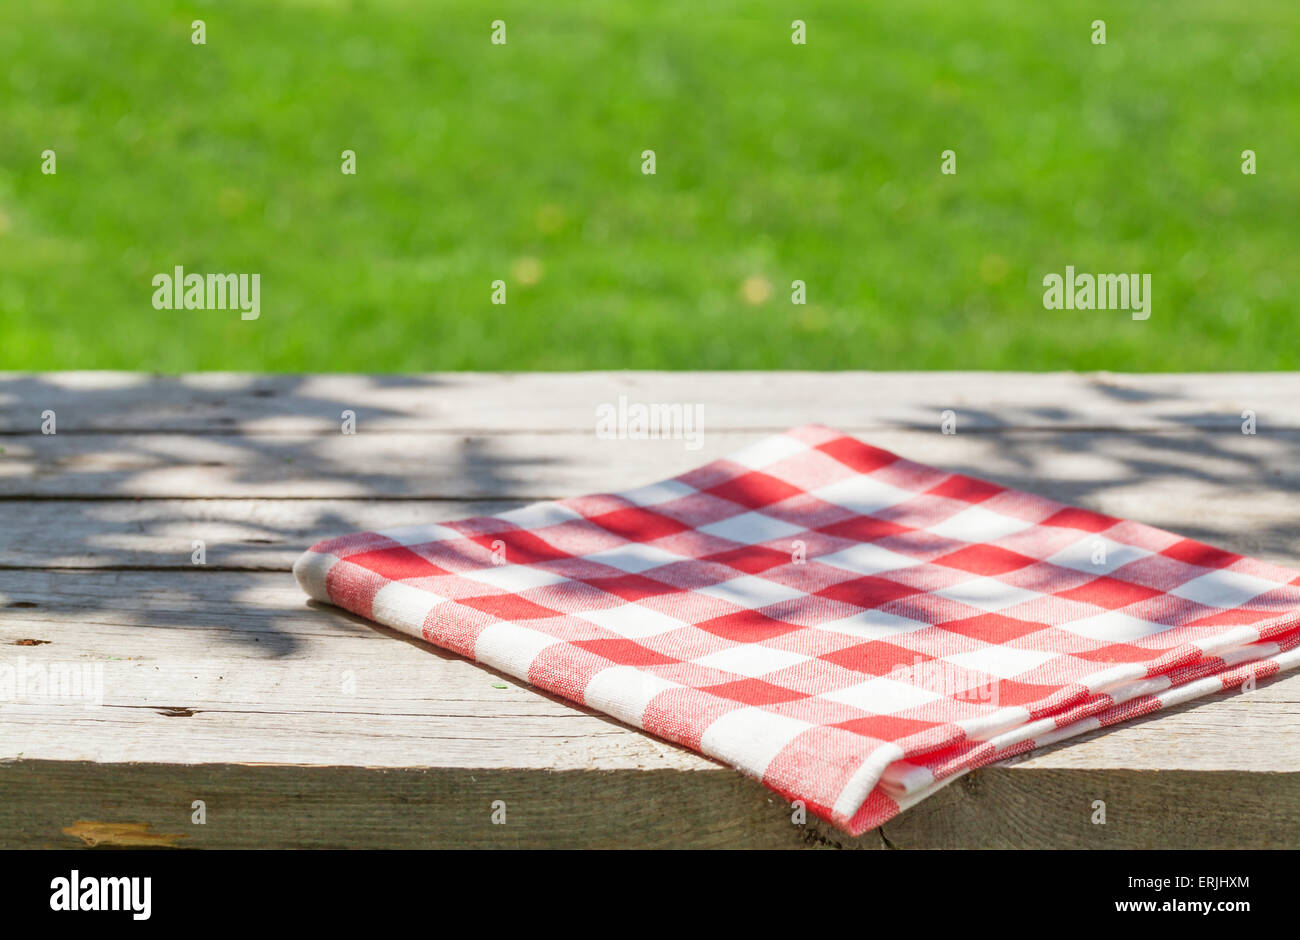 Leer Aus Holz Gartentisch Mit Tischdecke Mit Grunen Bokeh